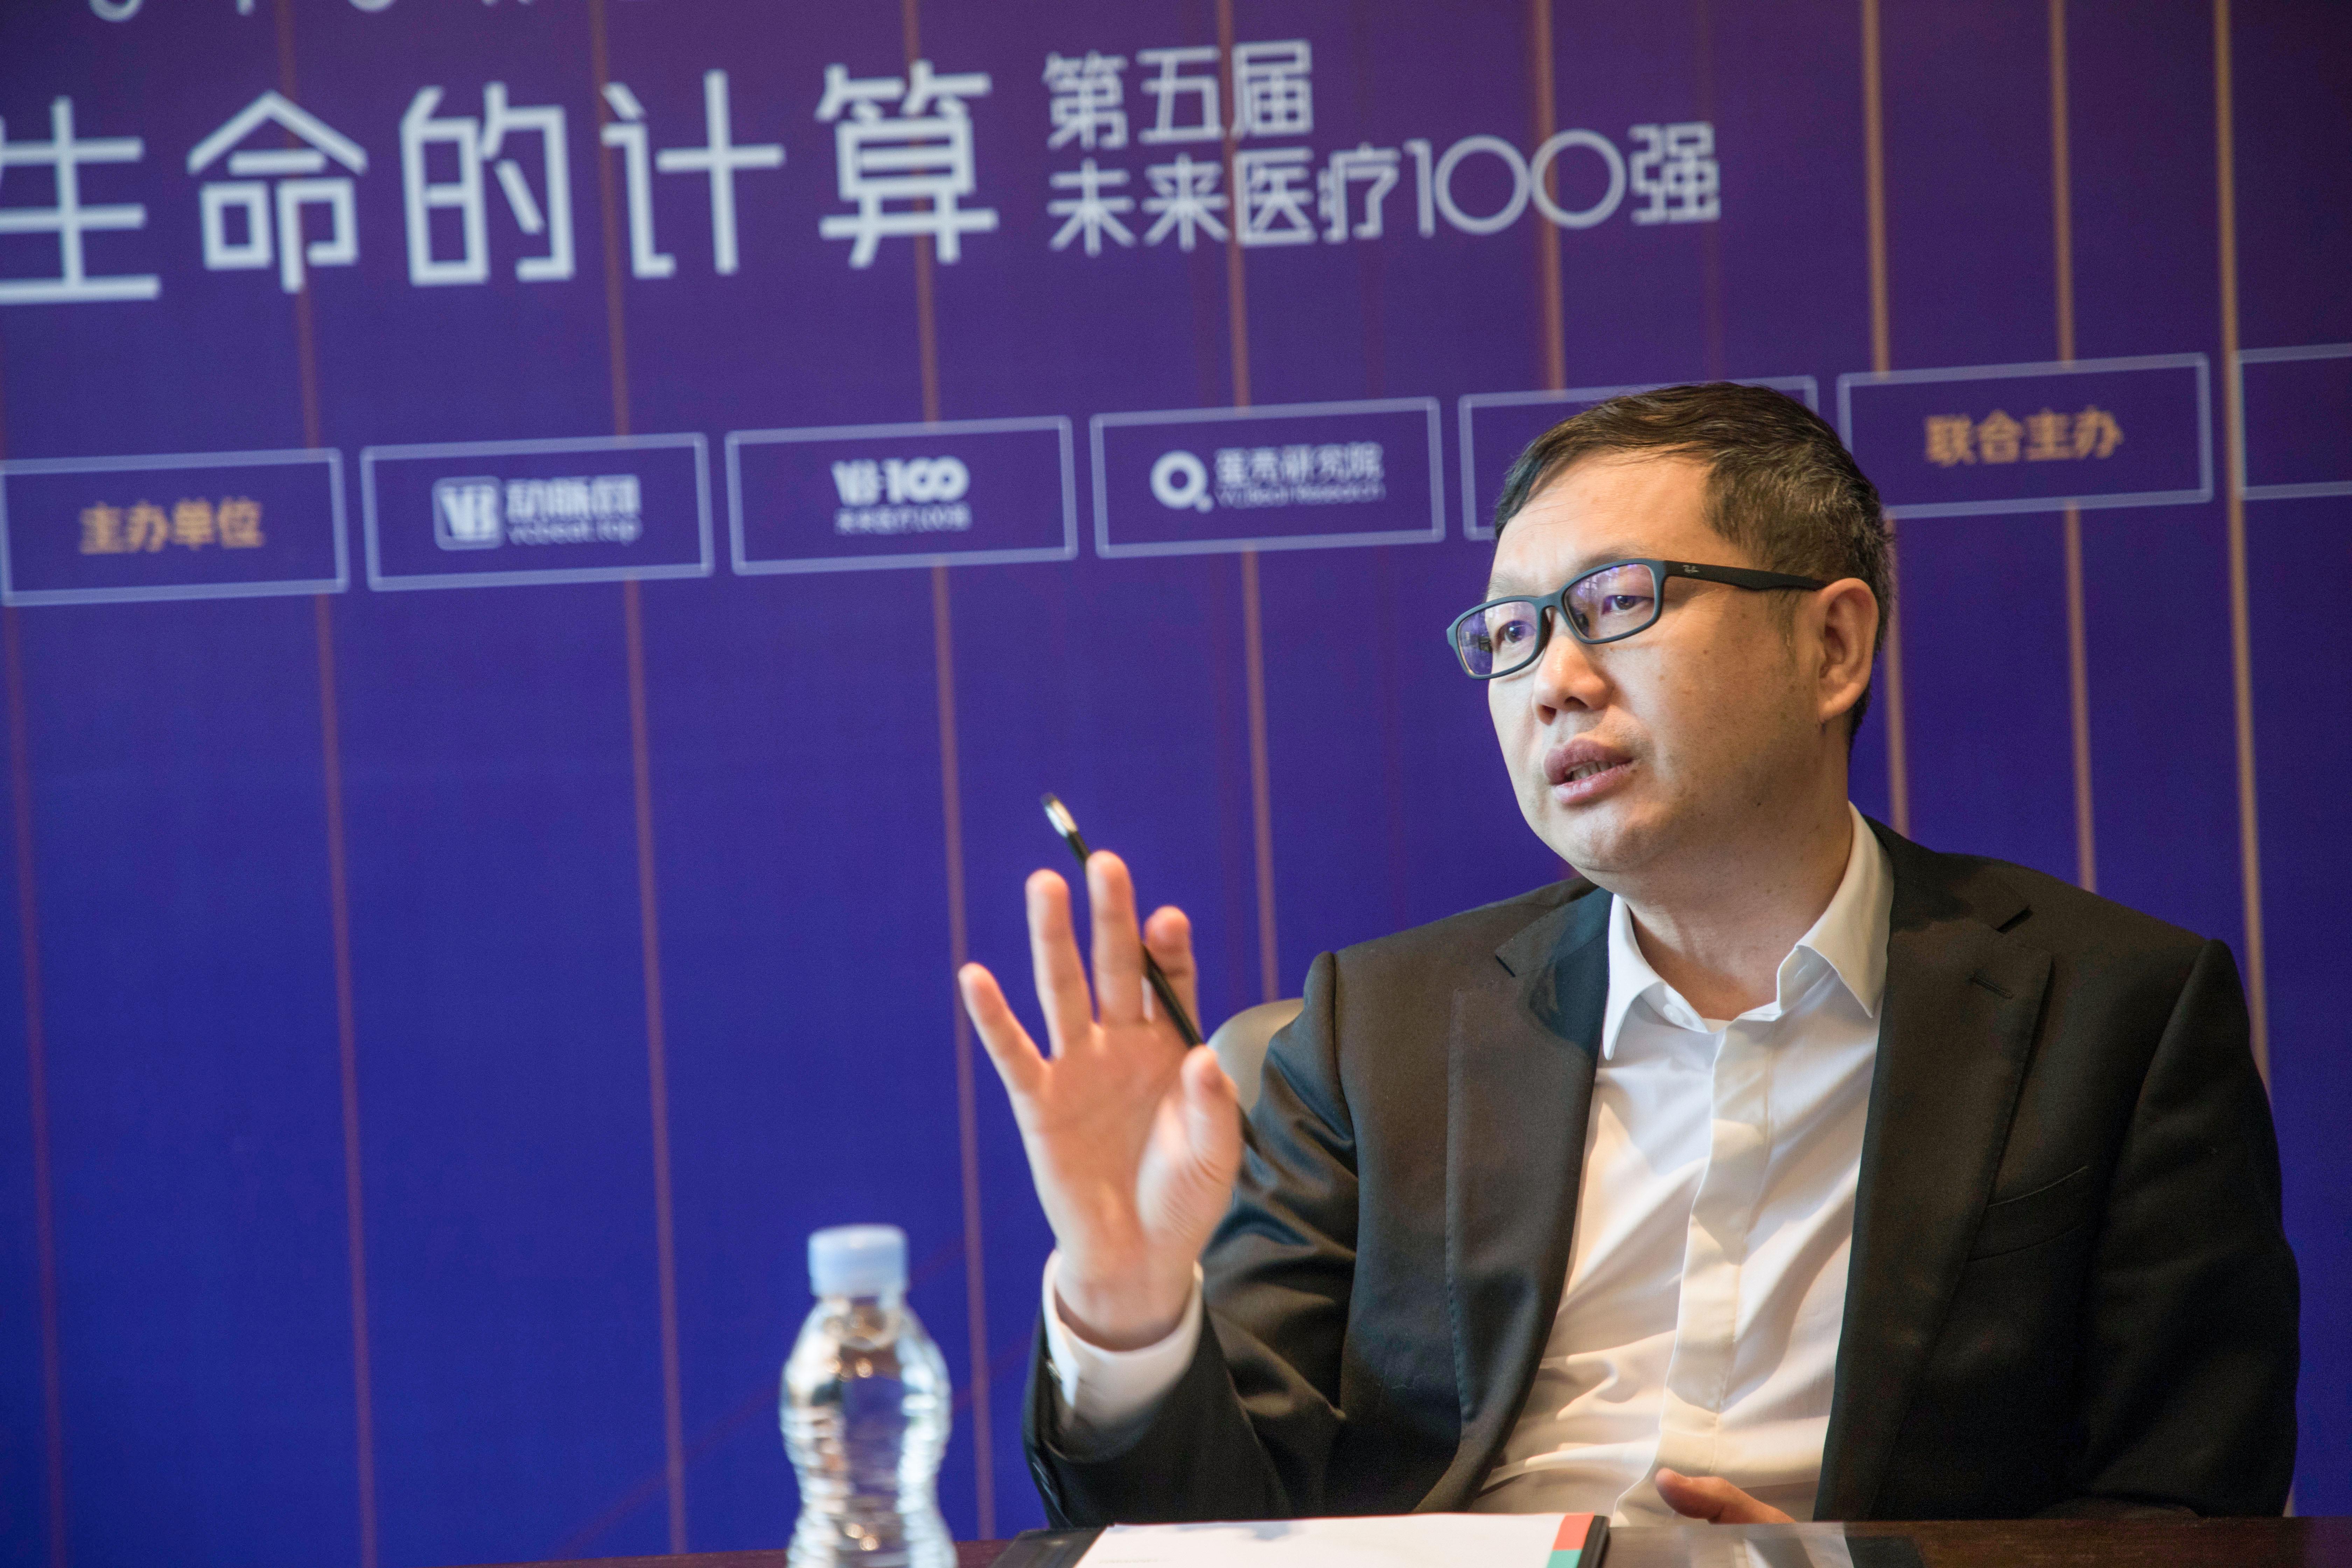 阿里健康朱顺炎:互联网医疗首先要做大服务体量,才能谈商业模式|CEO说